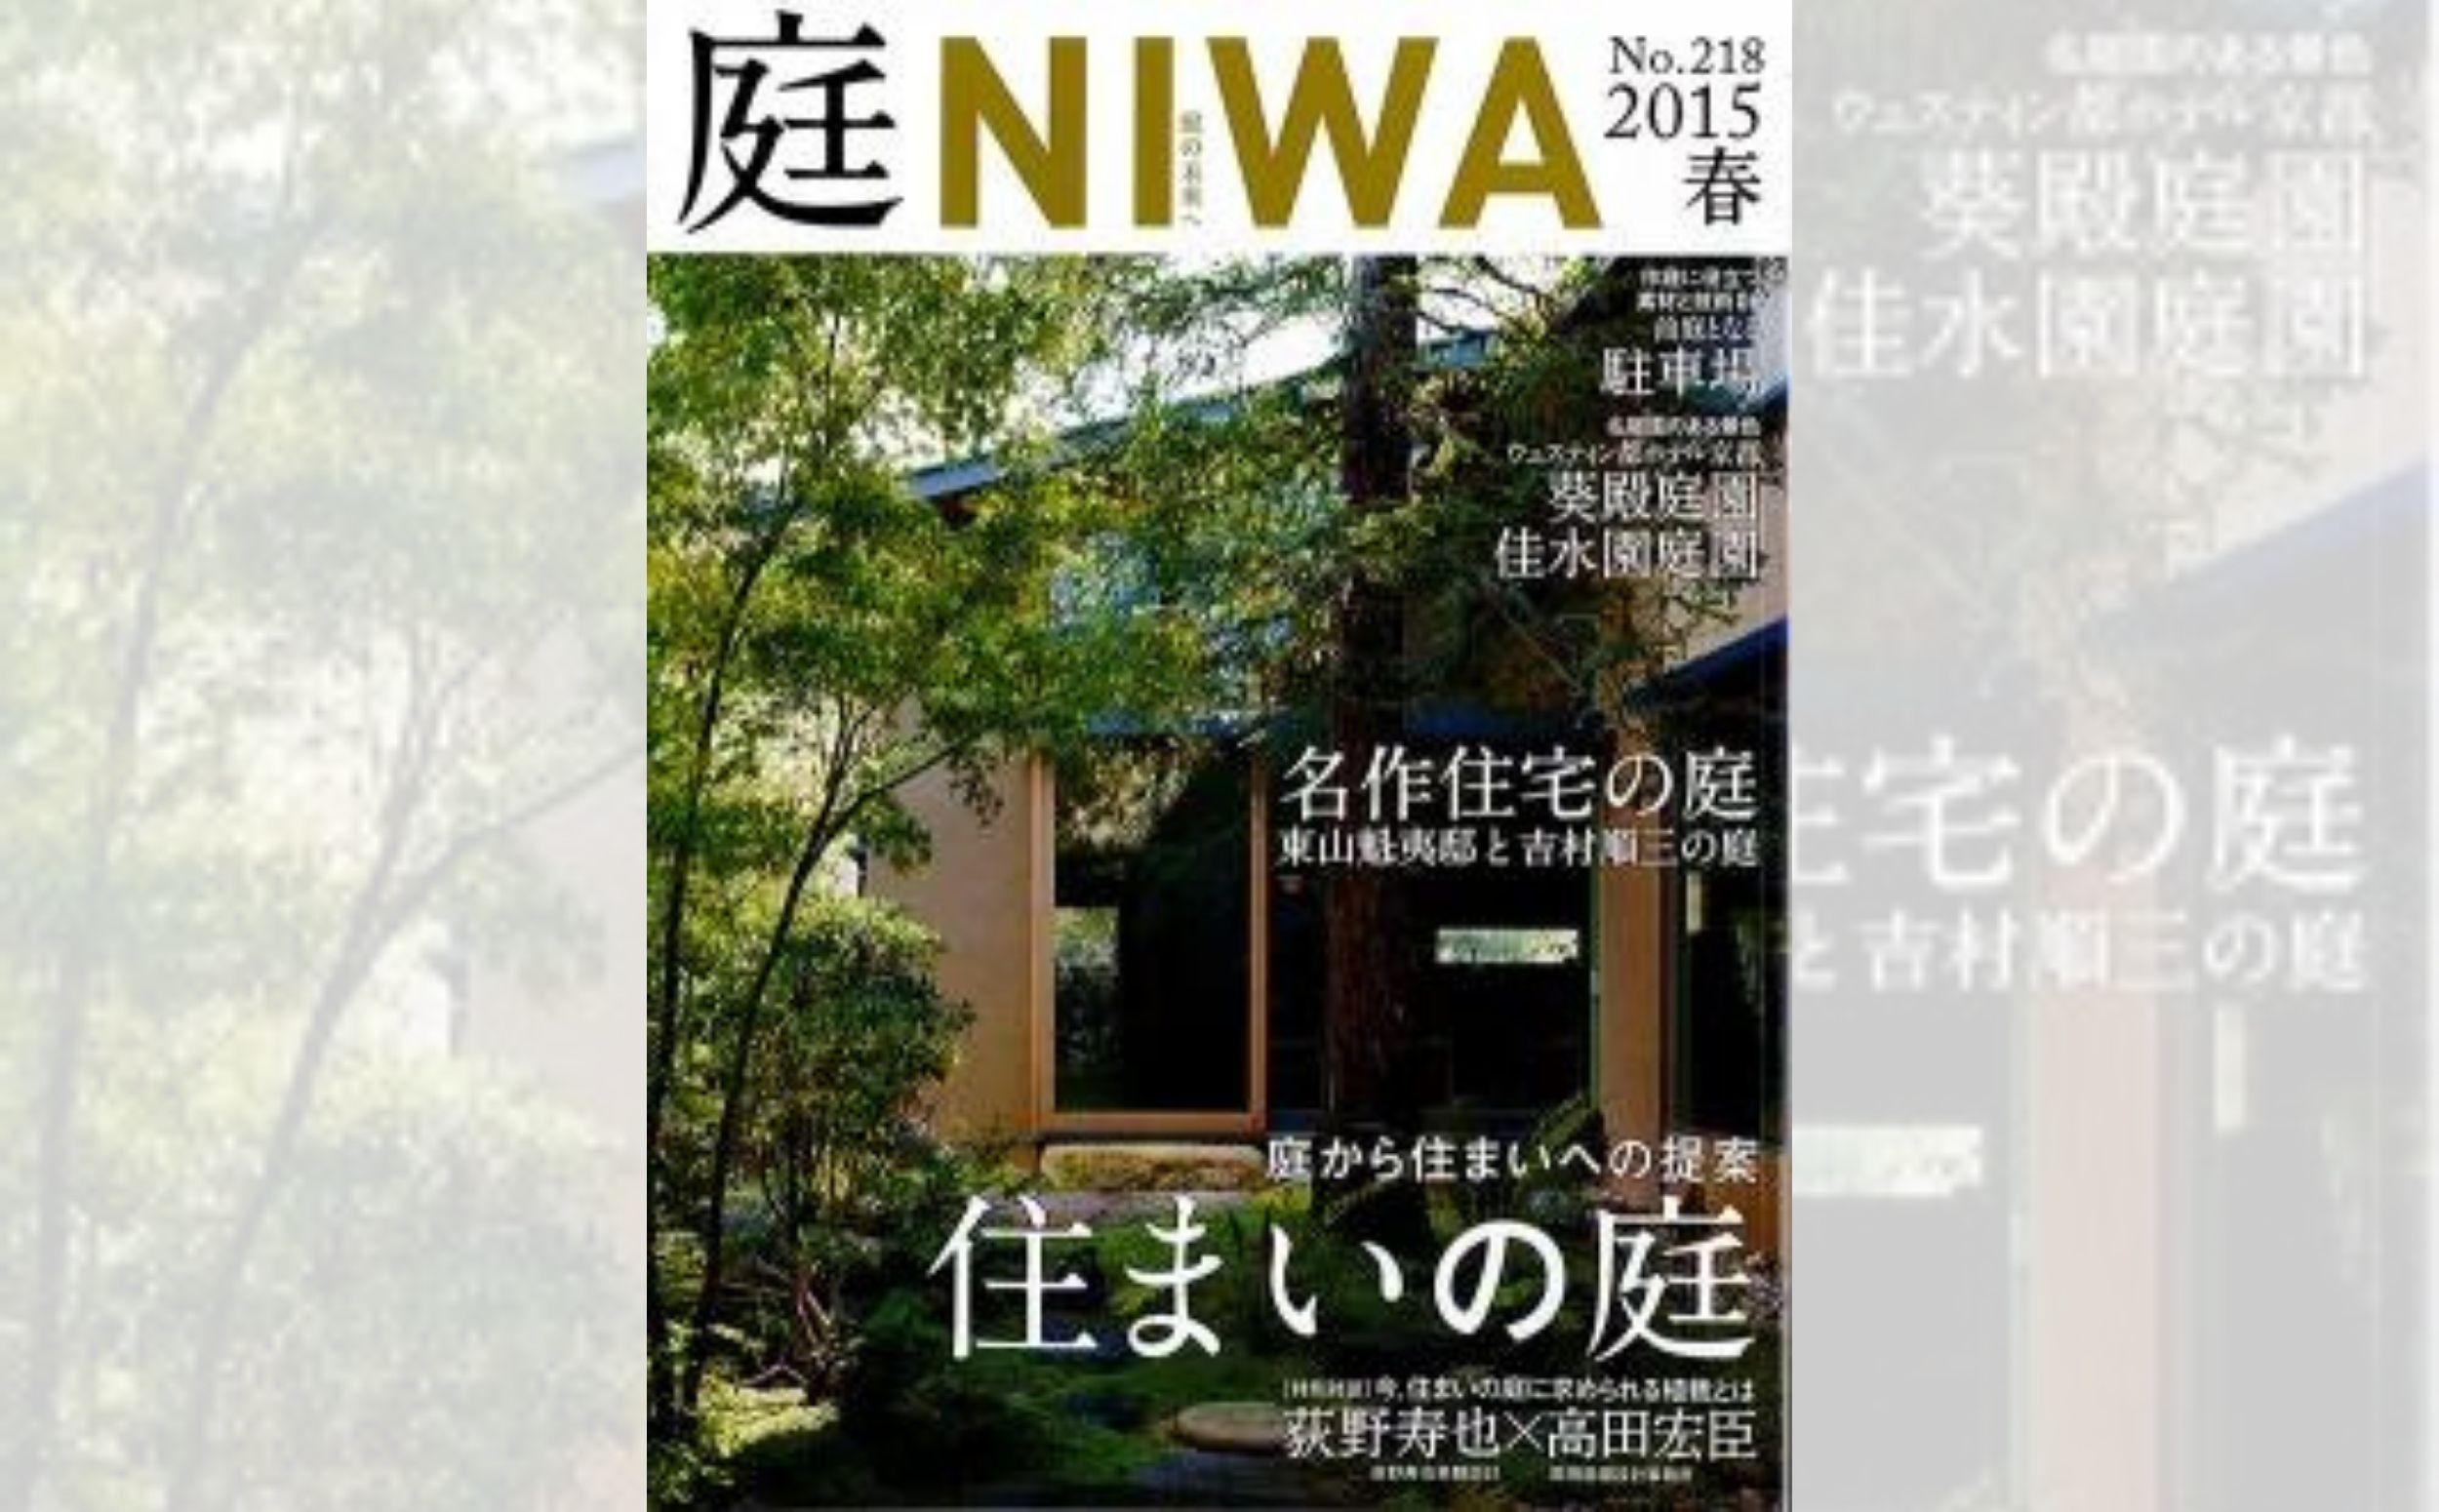 庭NIWA No.218 2015春『庭から住まいへの提案 住まいの庭』